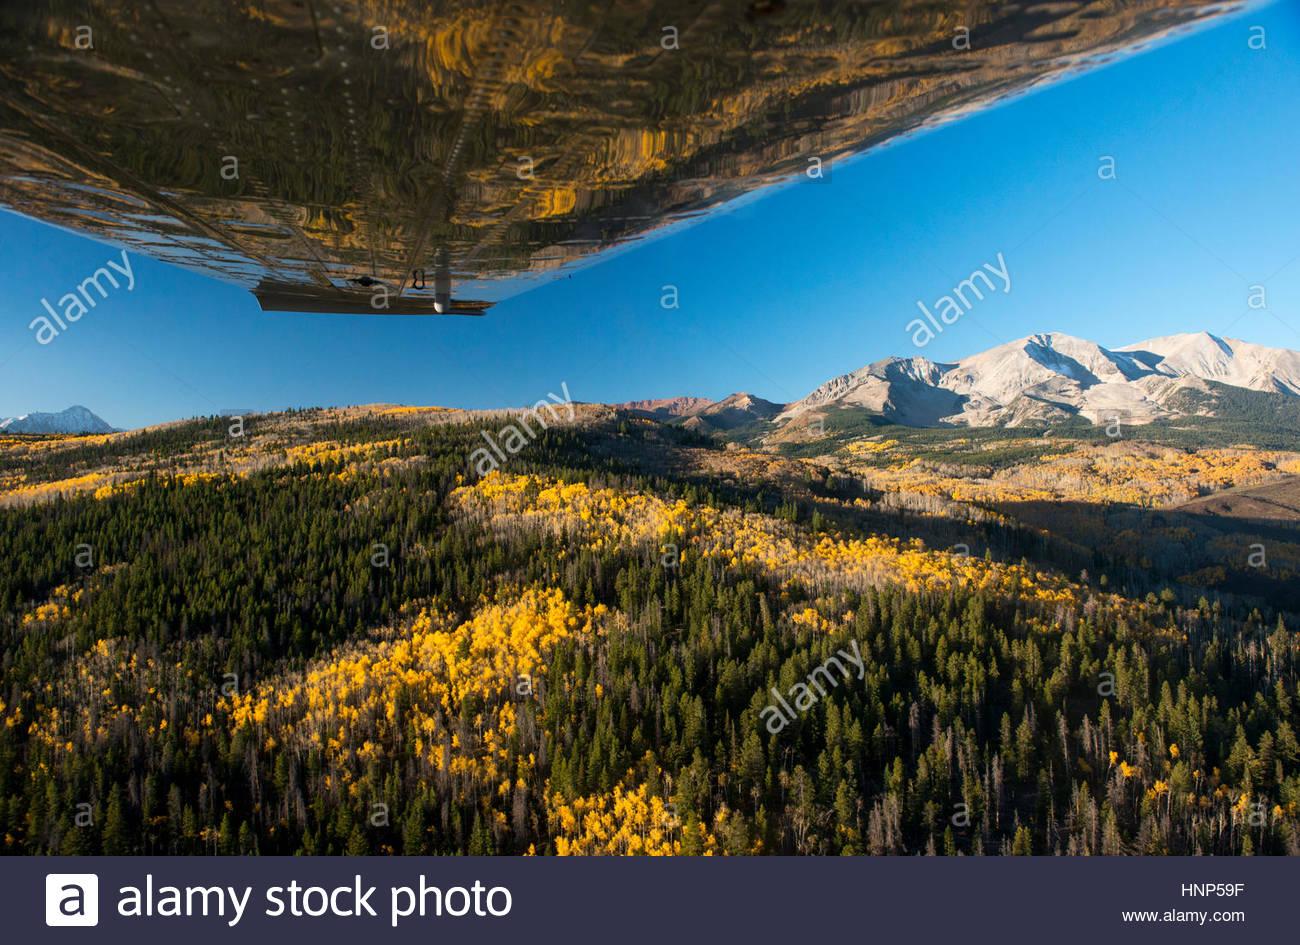 Ein Flugzeug fliegt über die Elk Mountain Range in Colorado. Stockbild